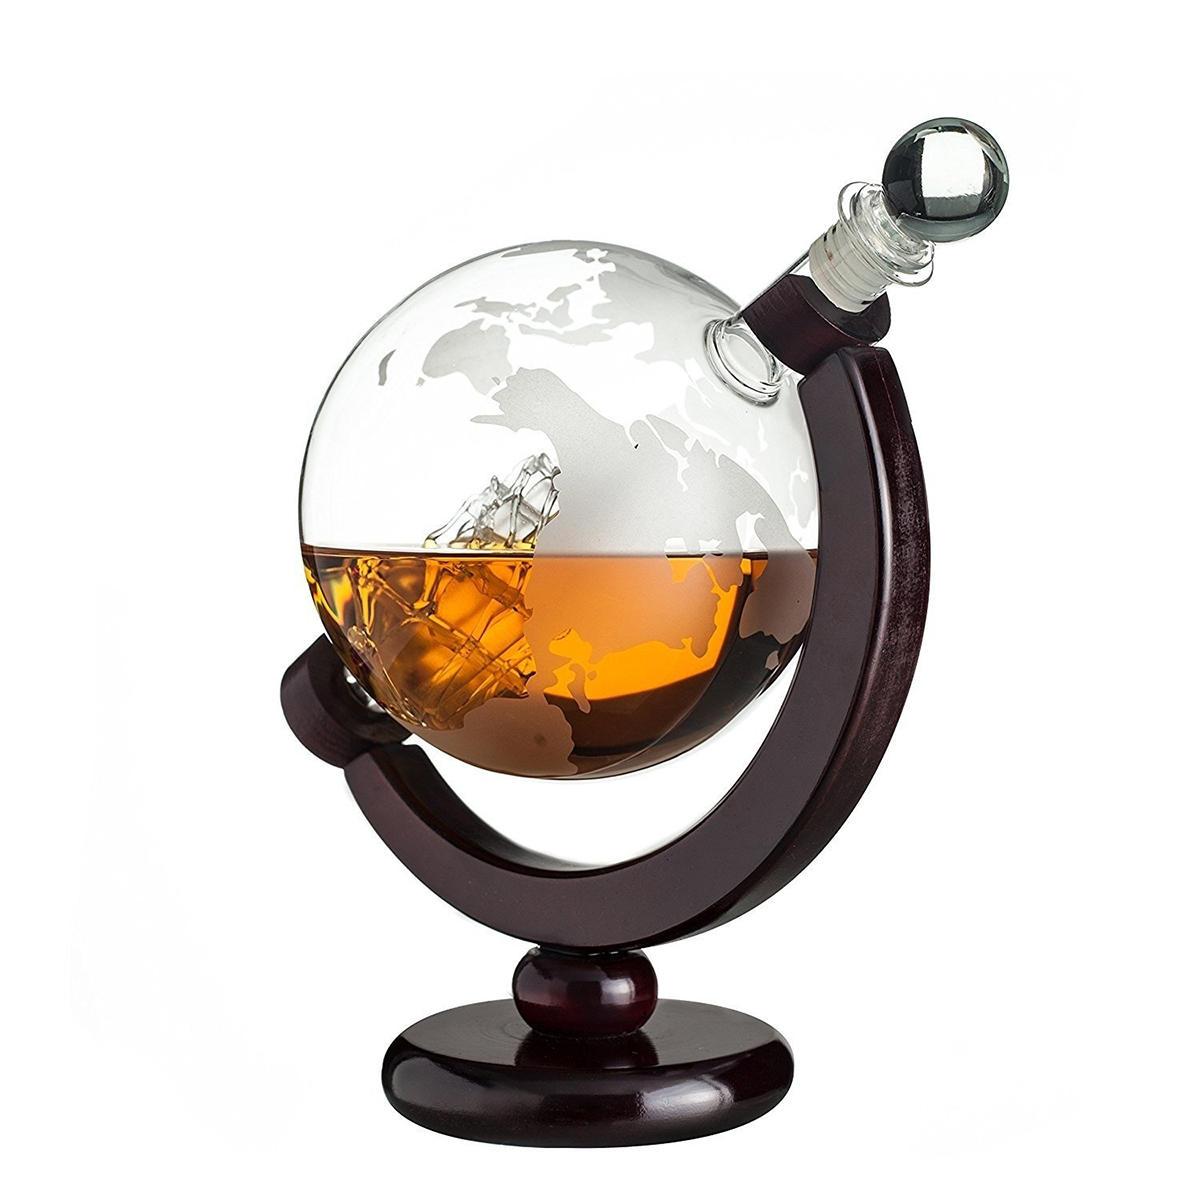 850ml Glass Decanter Globe Liquor Gifts Whiskey Bottle Large Capacity Bottle Spirits